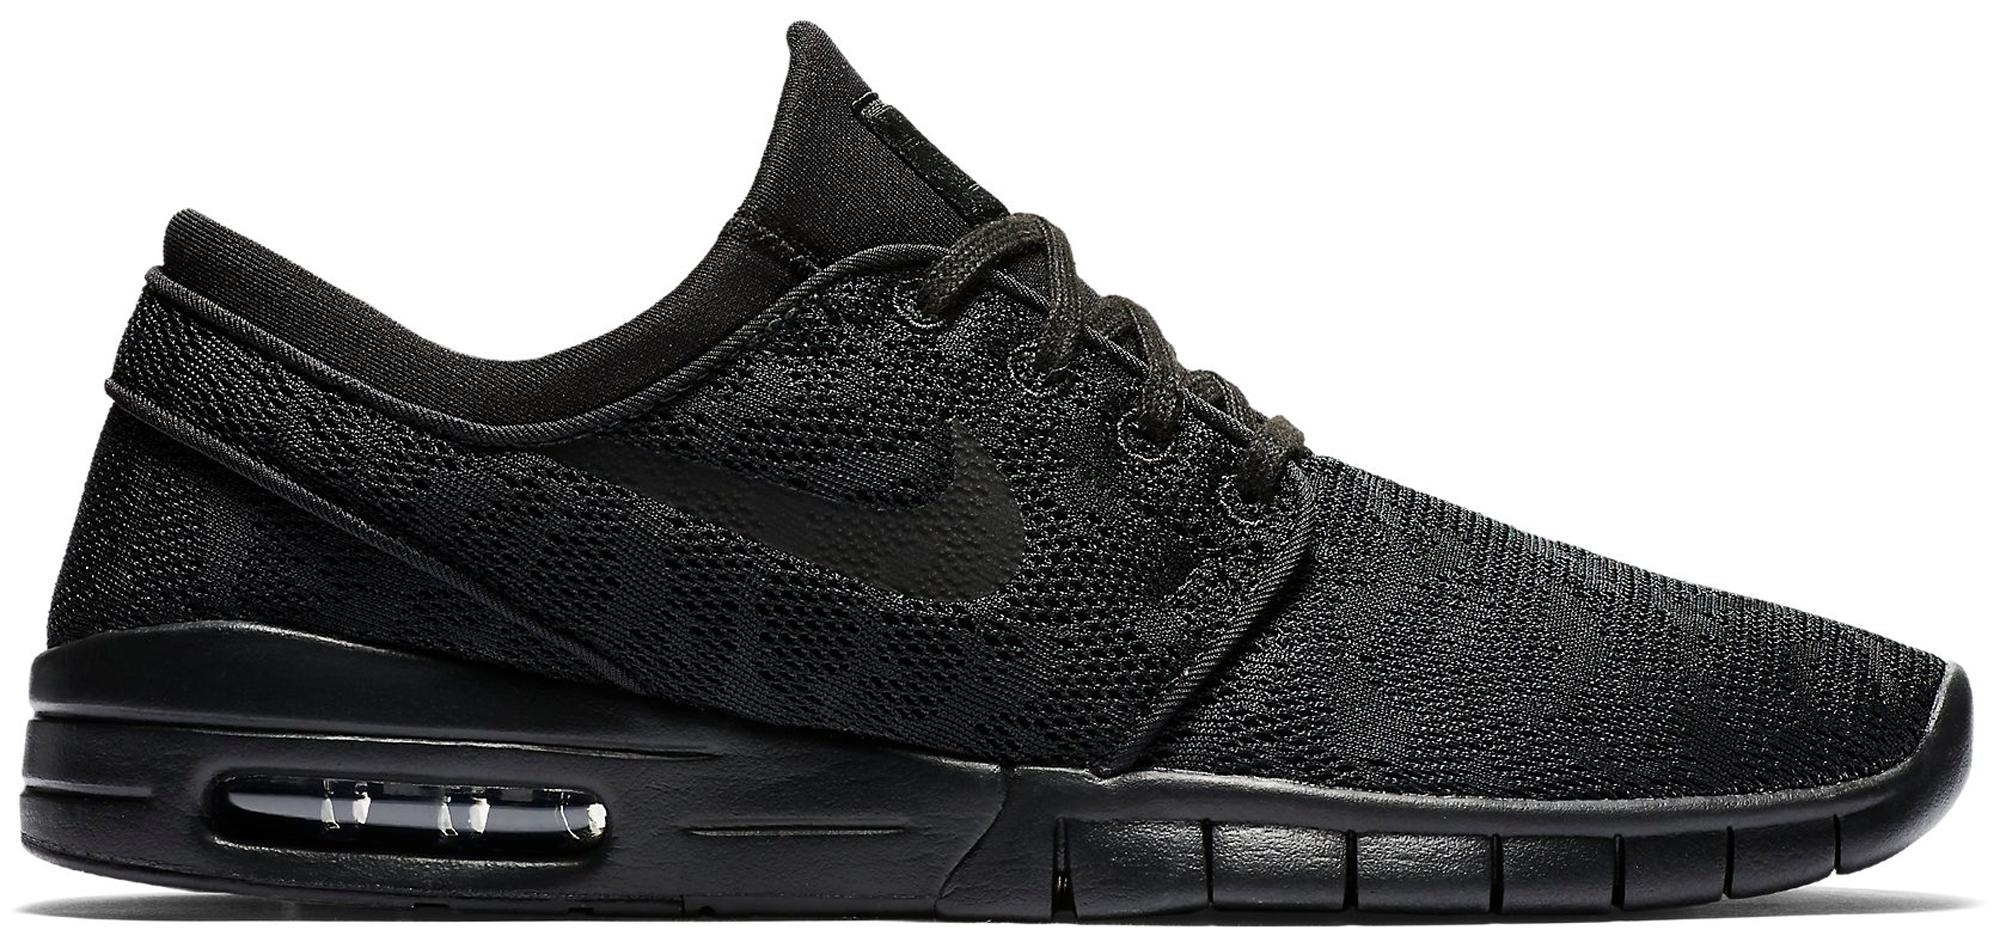 7d44e183a1 Nike Sb Stefan Janoski Size 14 | Lime Rock Park